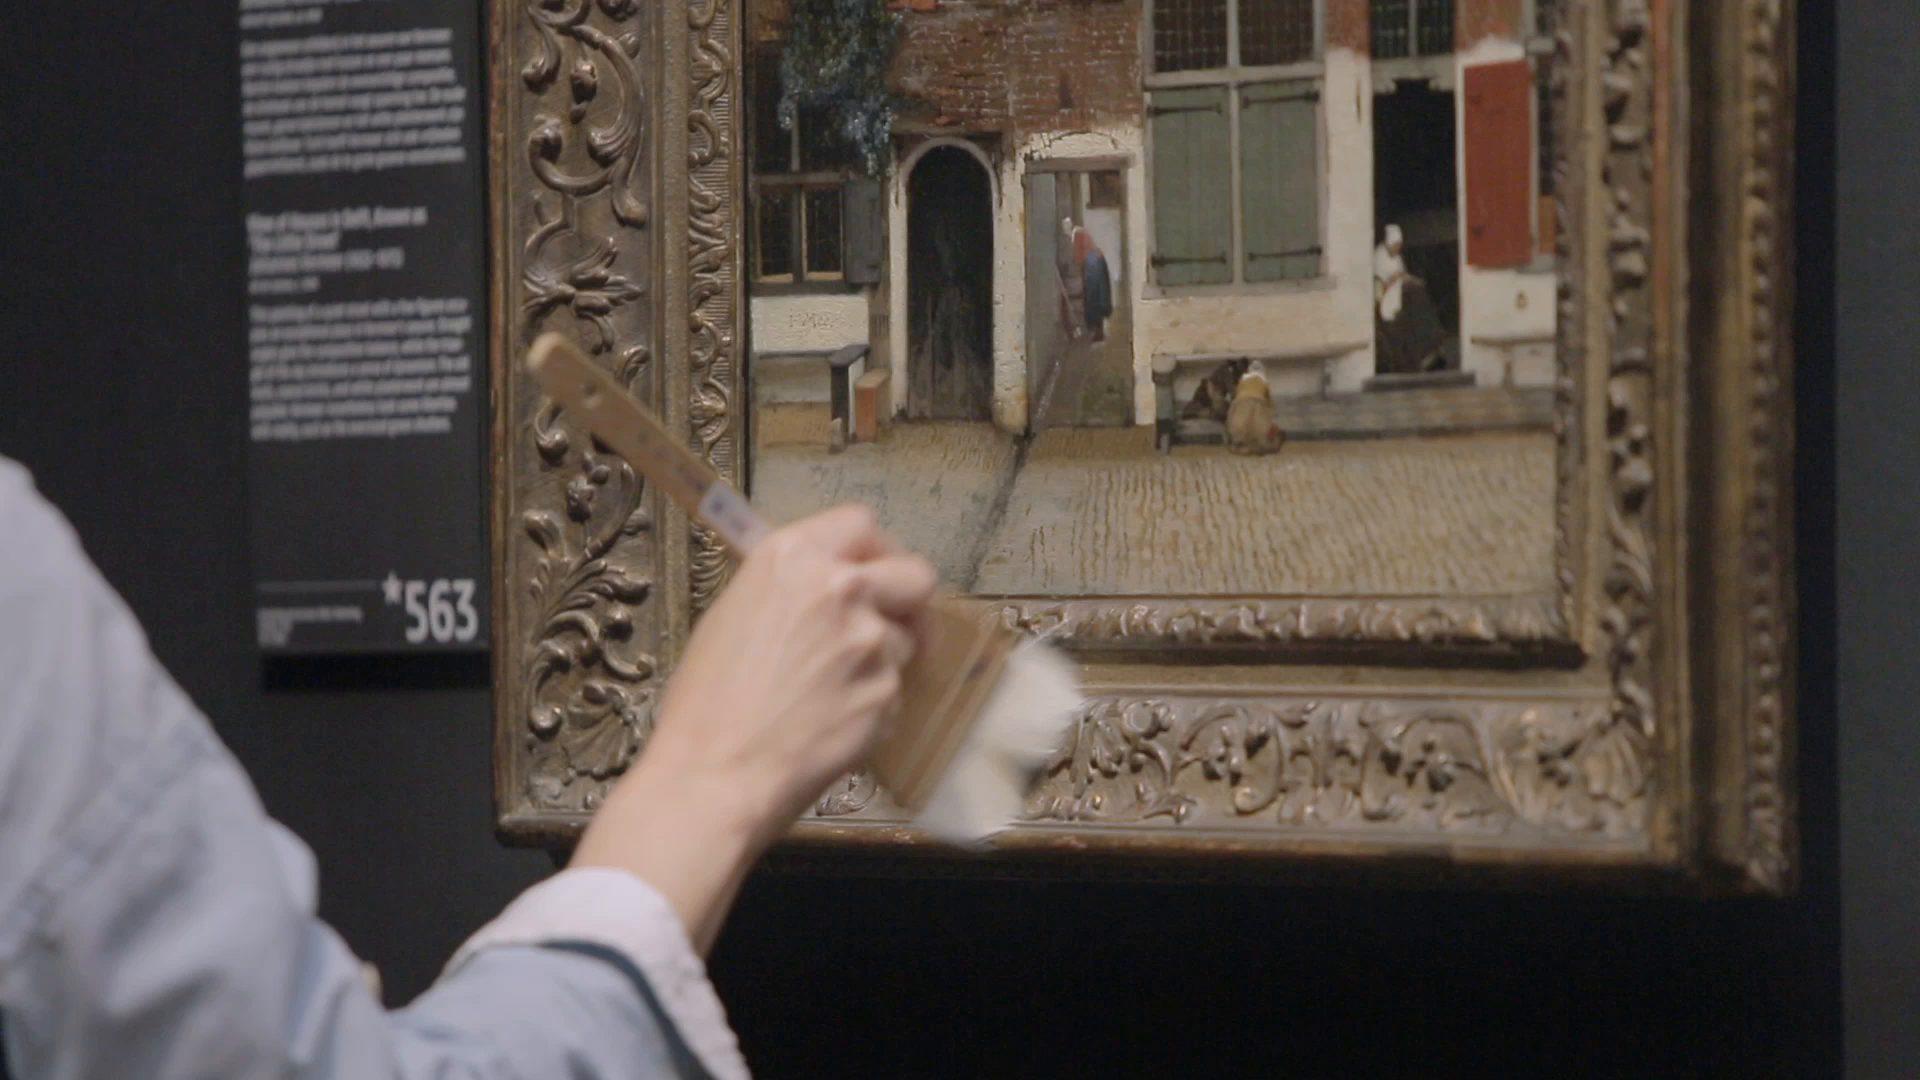 Rijksmuseum Magie Nl 90 Skyhof 20883 1